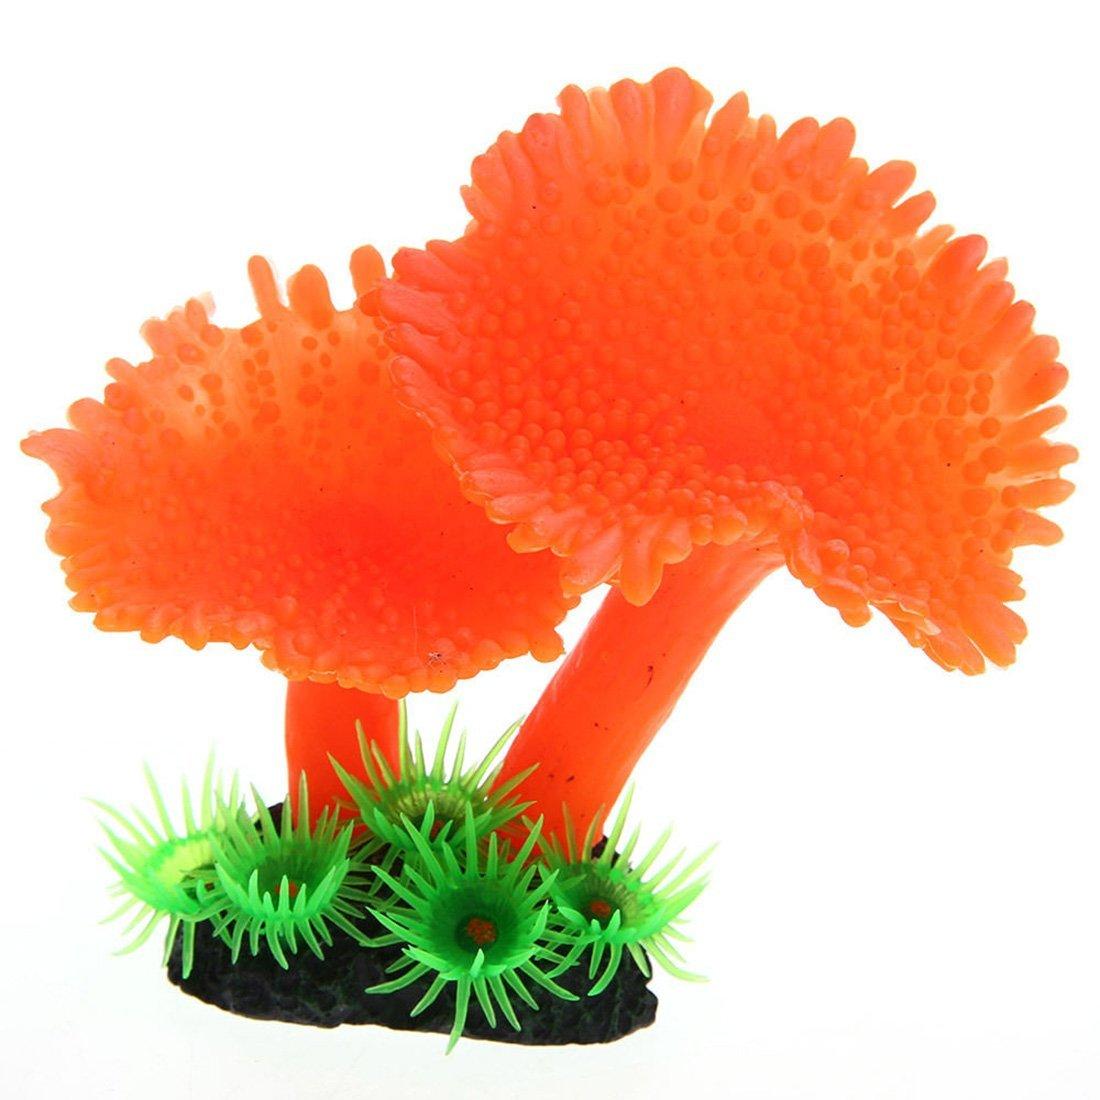 Plante artificielle en forme de corail en résine pour Aquarium décor-Bleu ASTrade TRTA11A